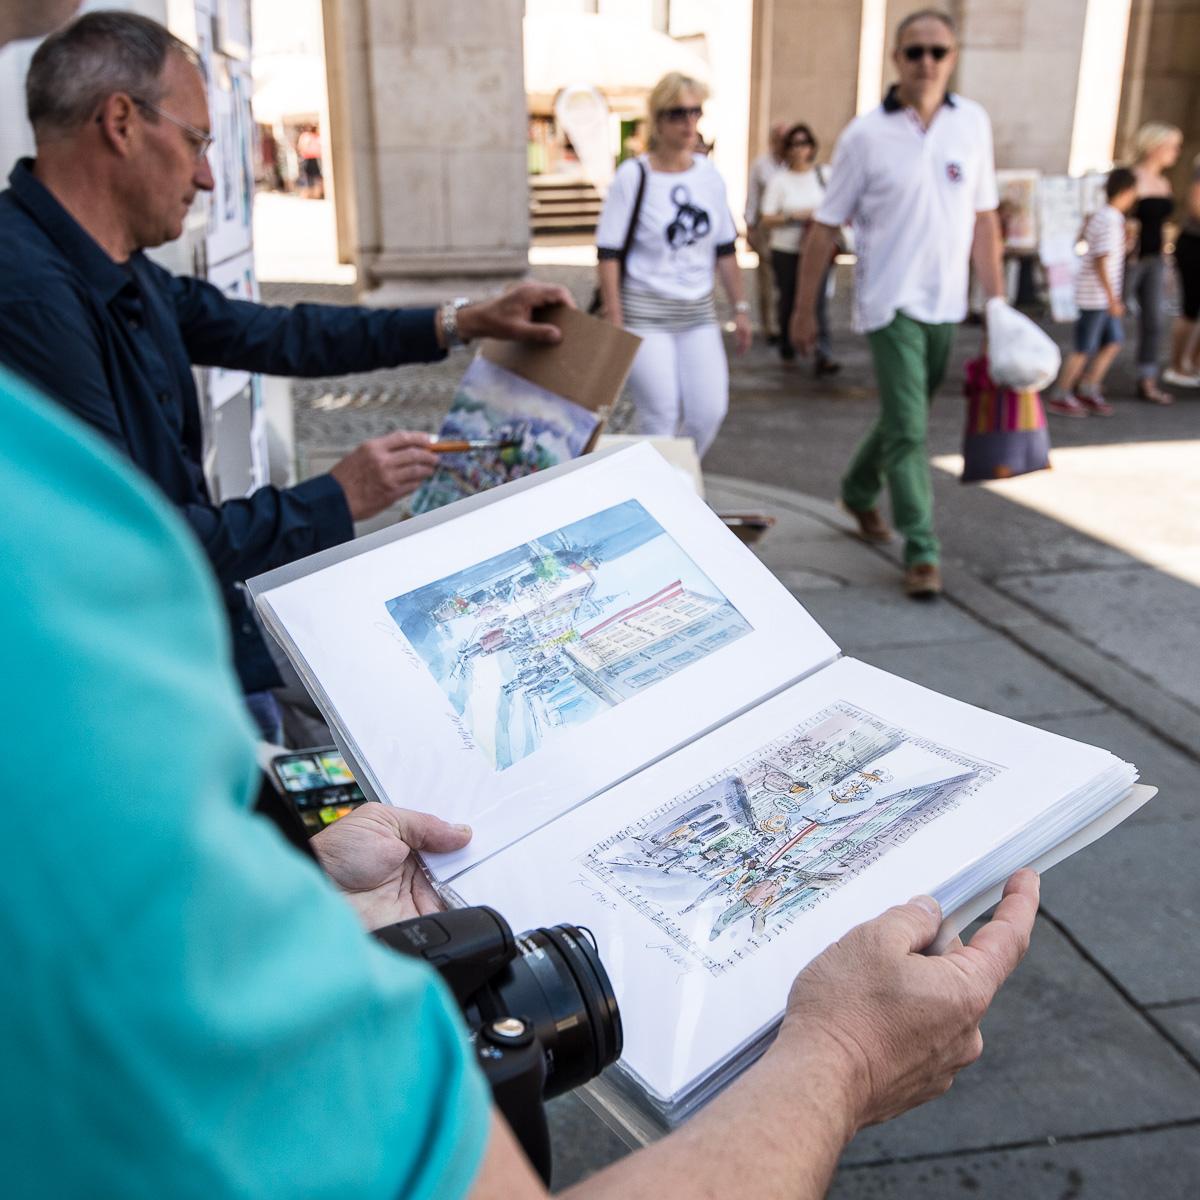 Besonders amerikanische Touristen lieben Tomic' farbenfrohe Impressionen von Salzburg.